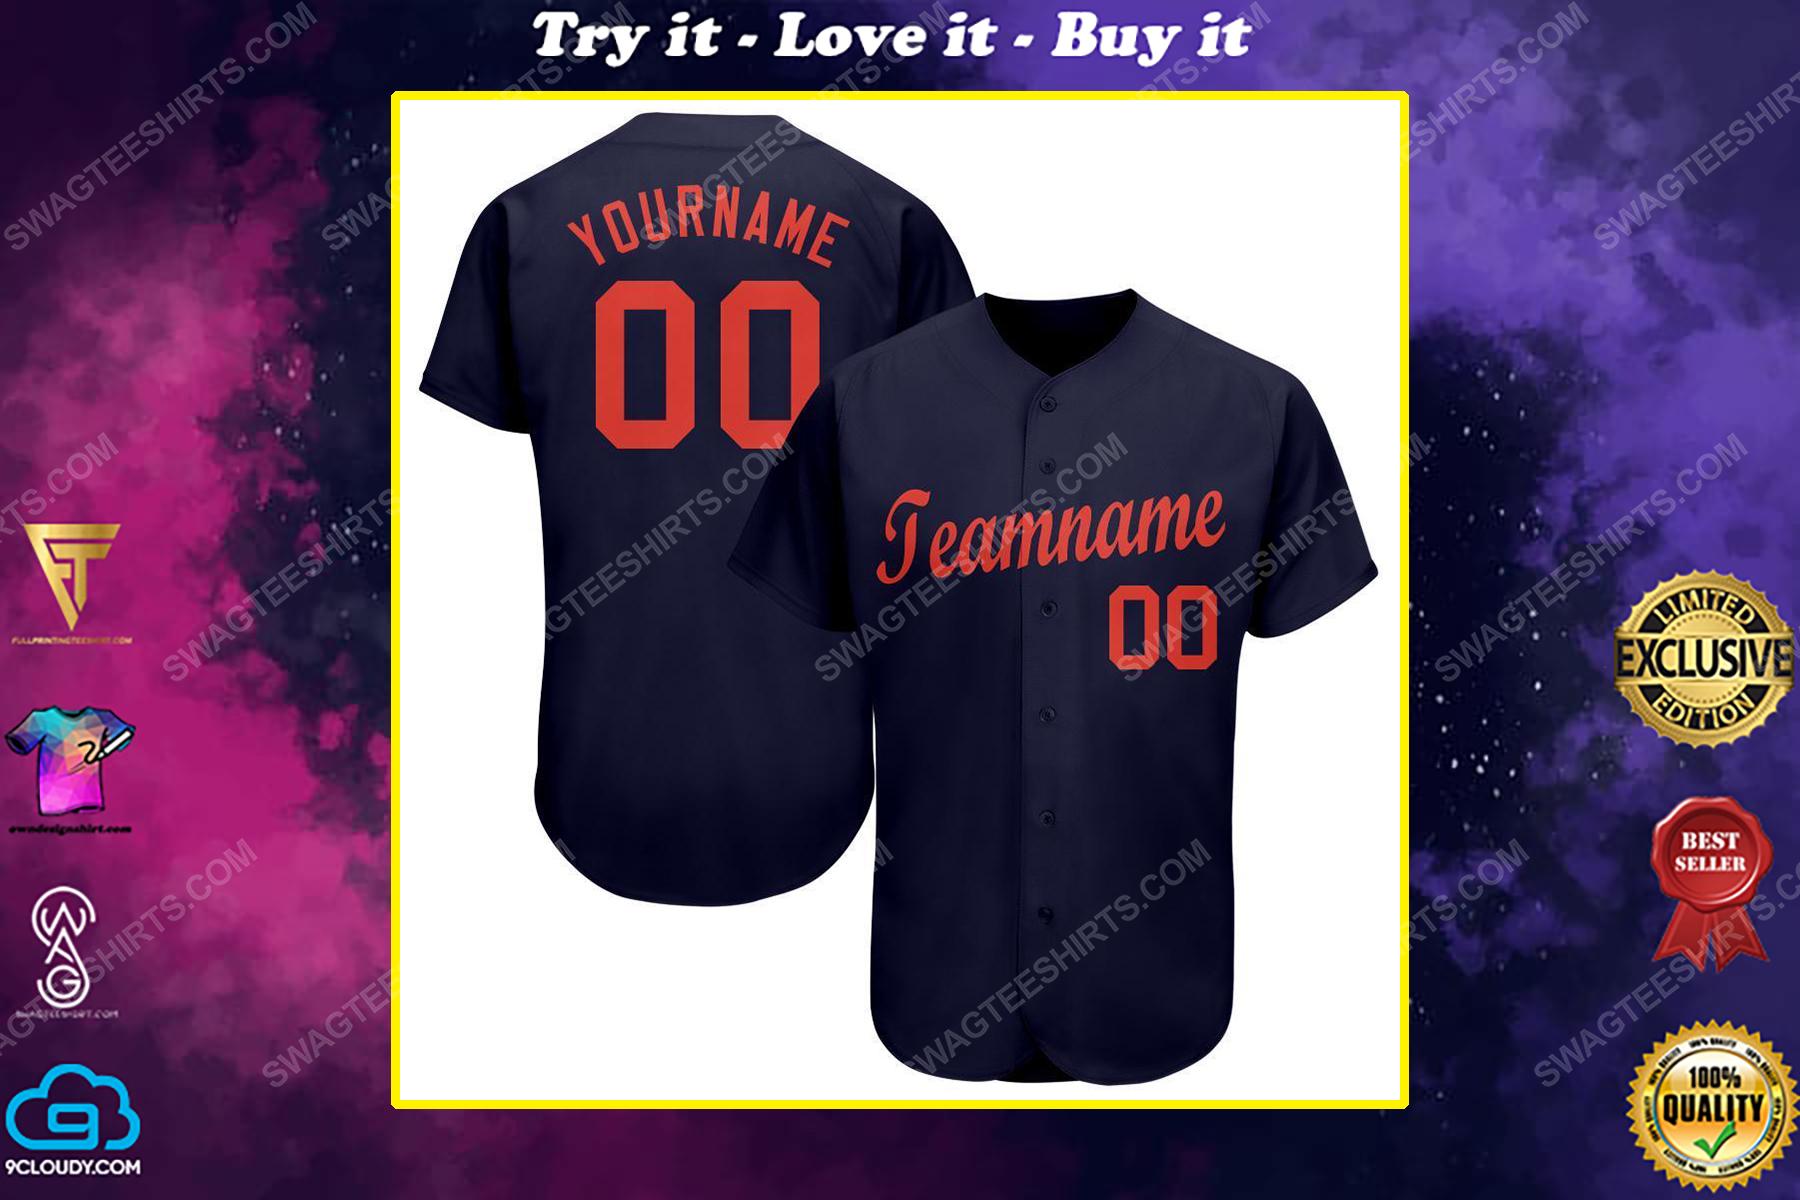 Custom team name detroit tigers major league baseball baseball jersey